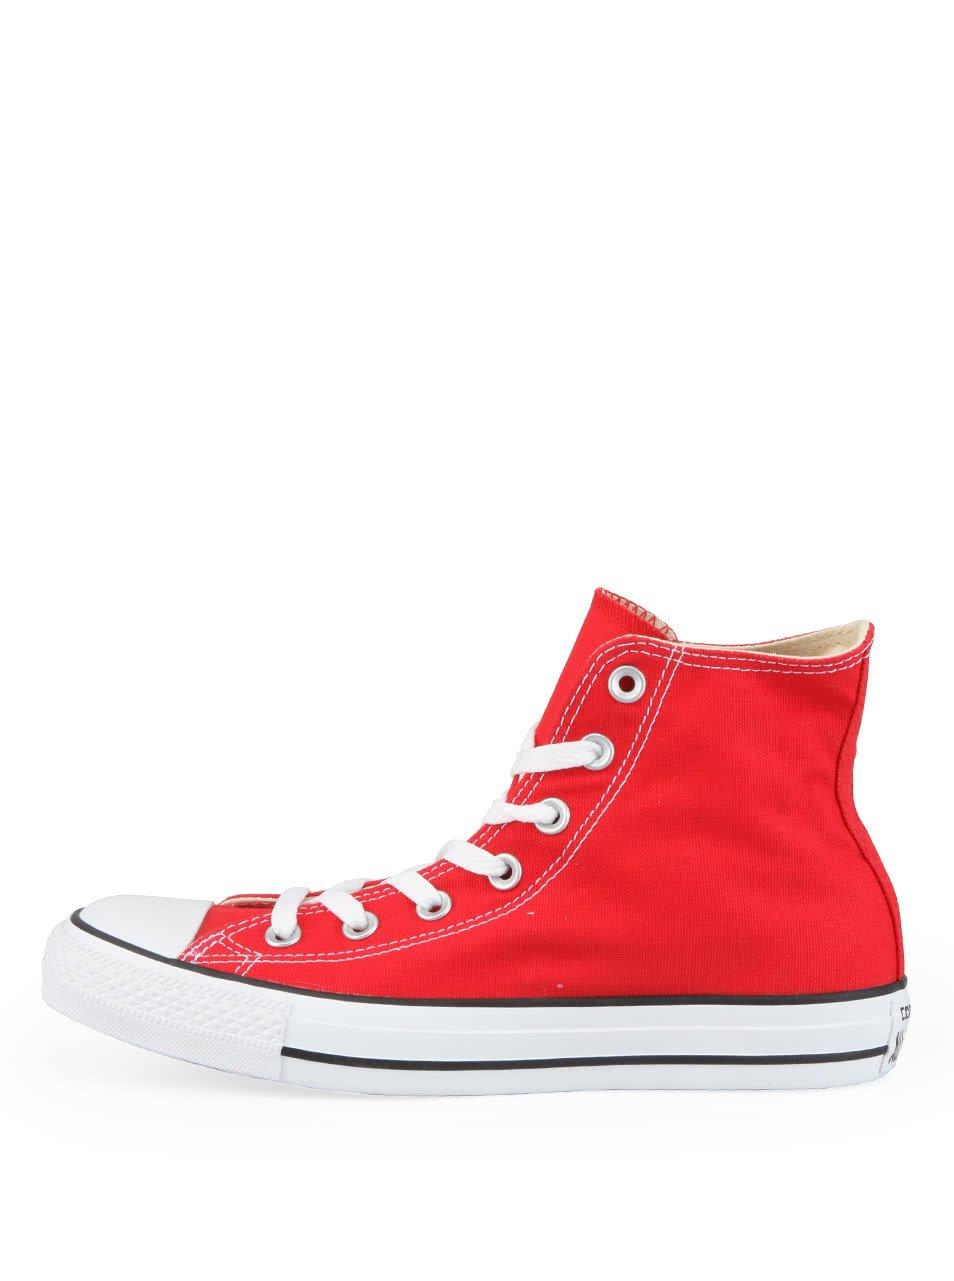 Červené unisex kotníkové tenisky Converse Chuck Taylor All Star